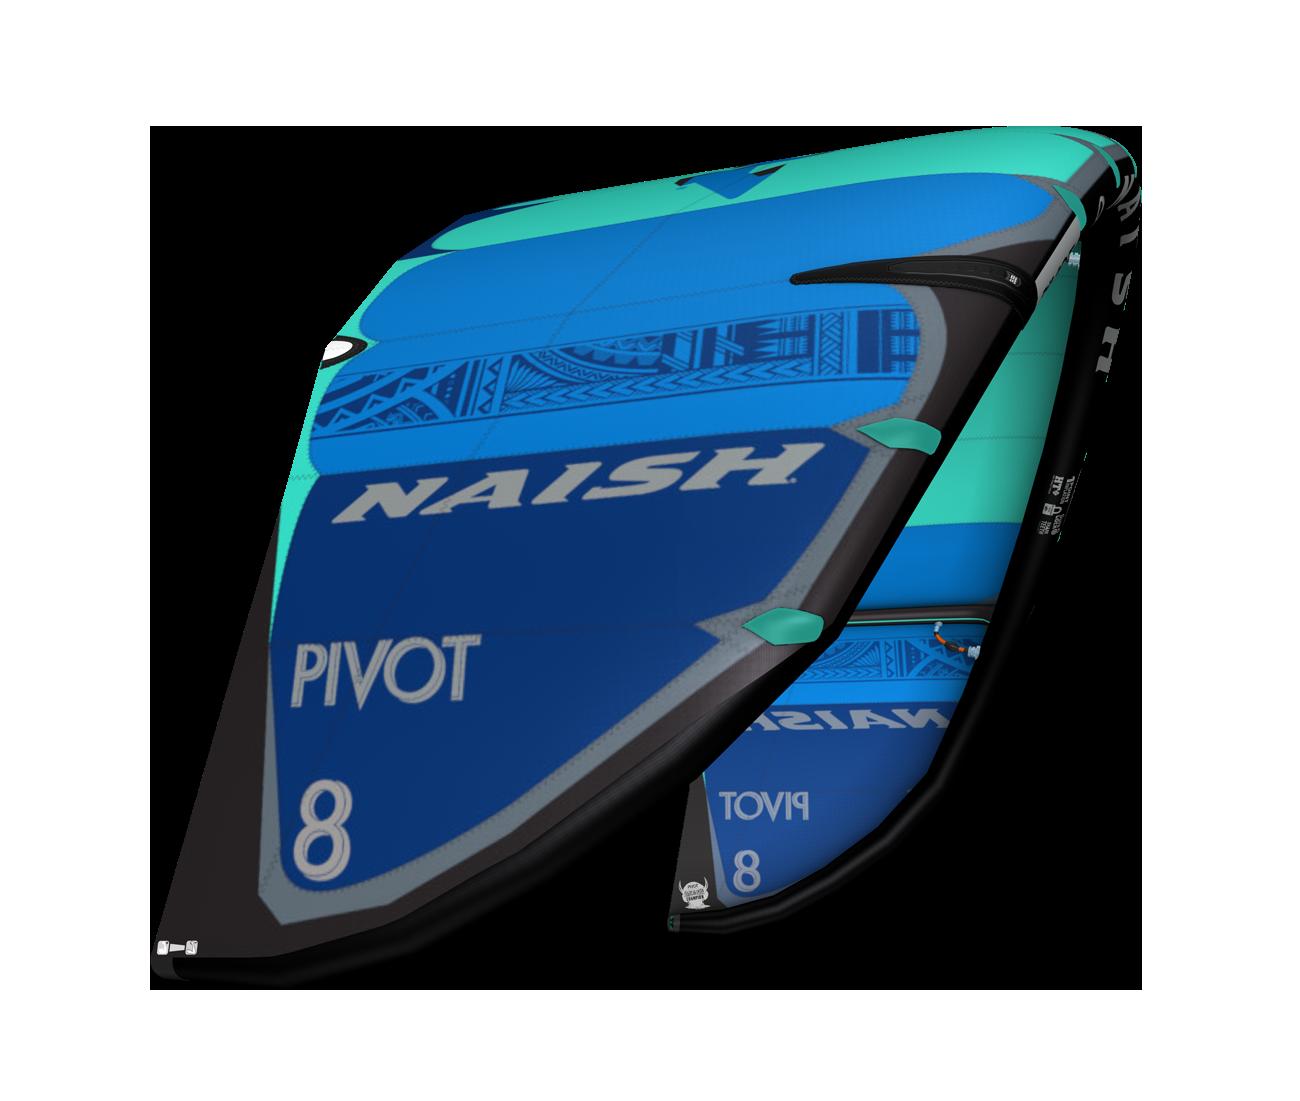 S25KB Web Kites PivotTeal Right 1 - NAISH PIVOT S25